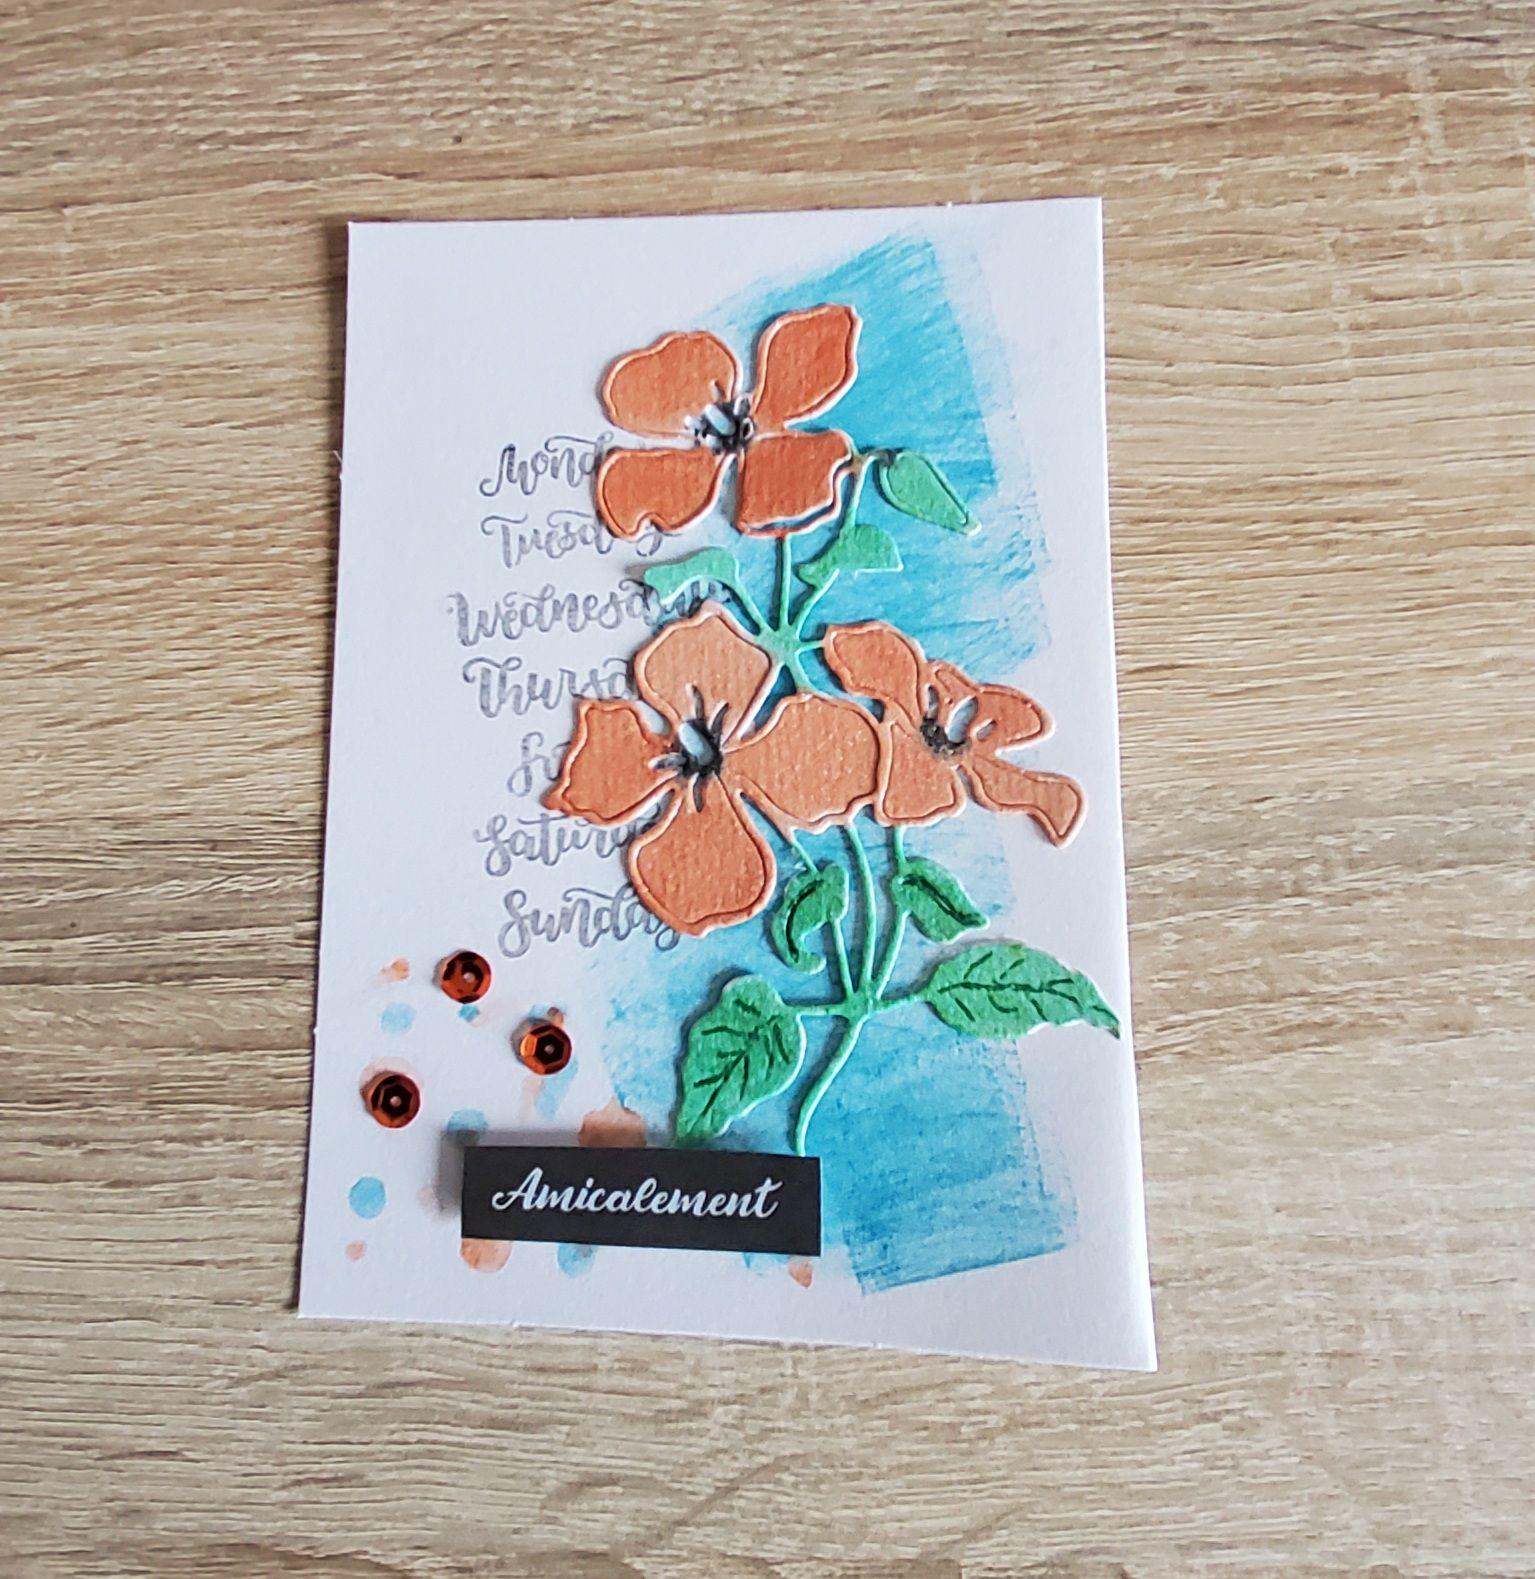 Encre, die de fleurs colorisées avec de l'aquarelle , tampon écriture, sequins.